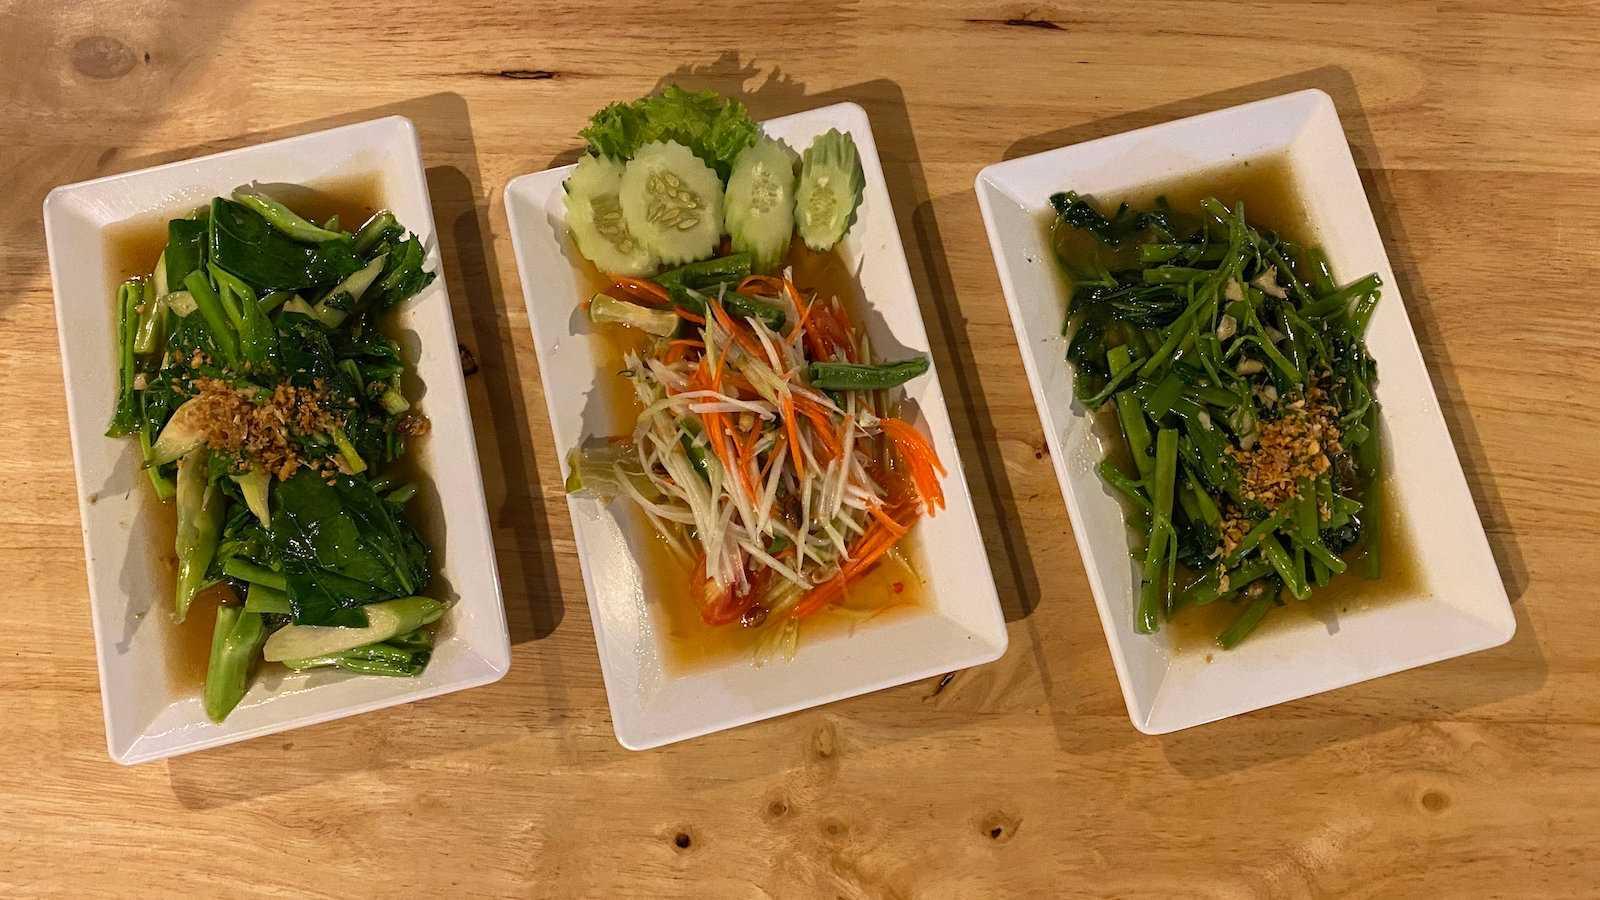 A ipoméia é um delicioso vegetal aquático da Ásia que adoramos frito no estilo tailandês